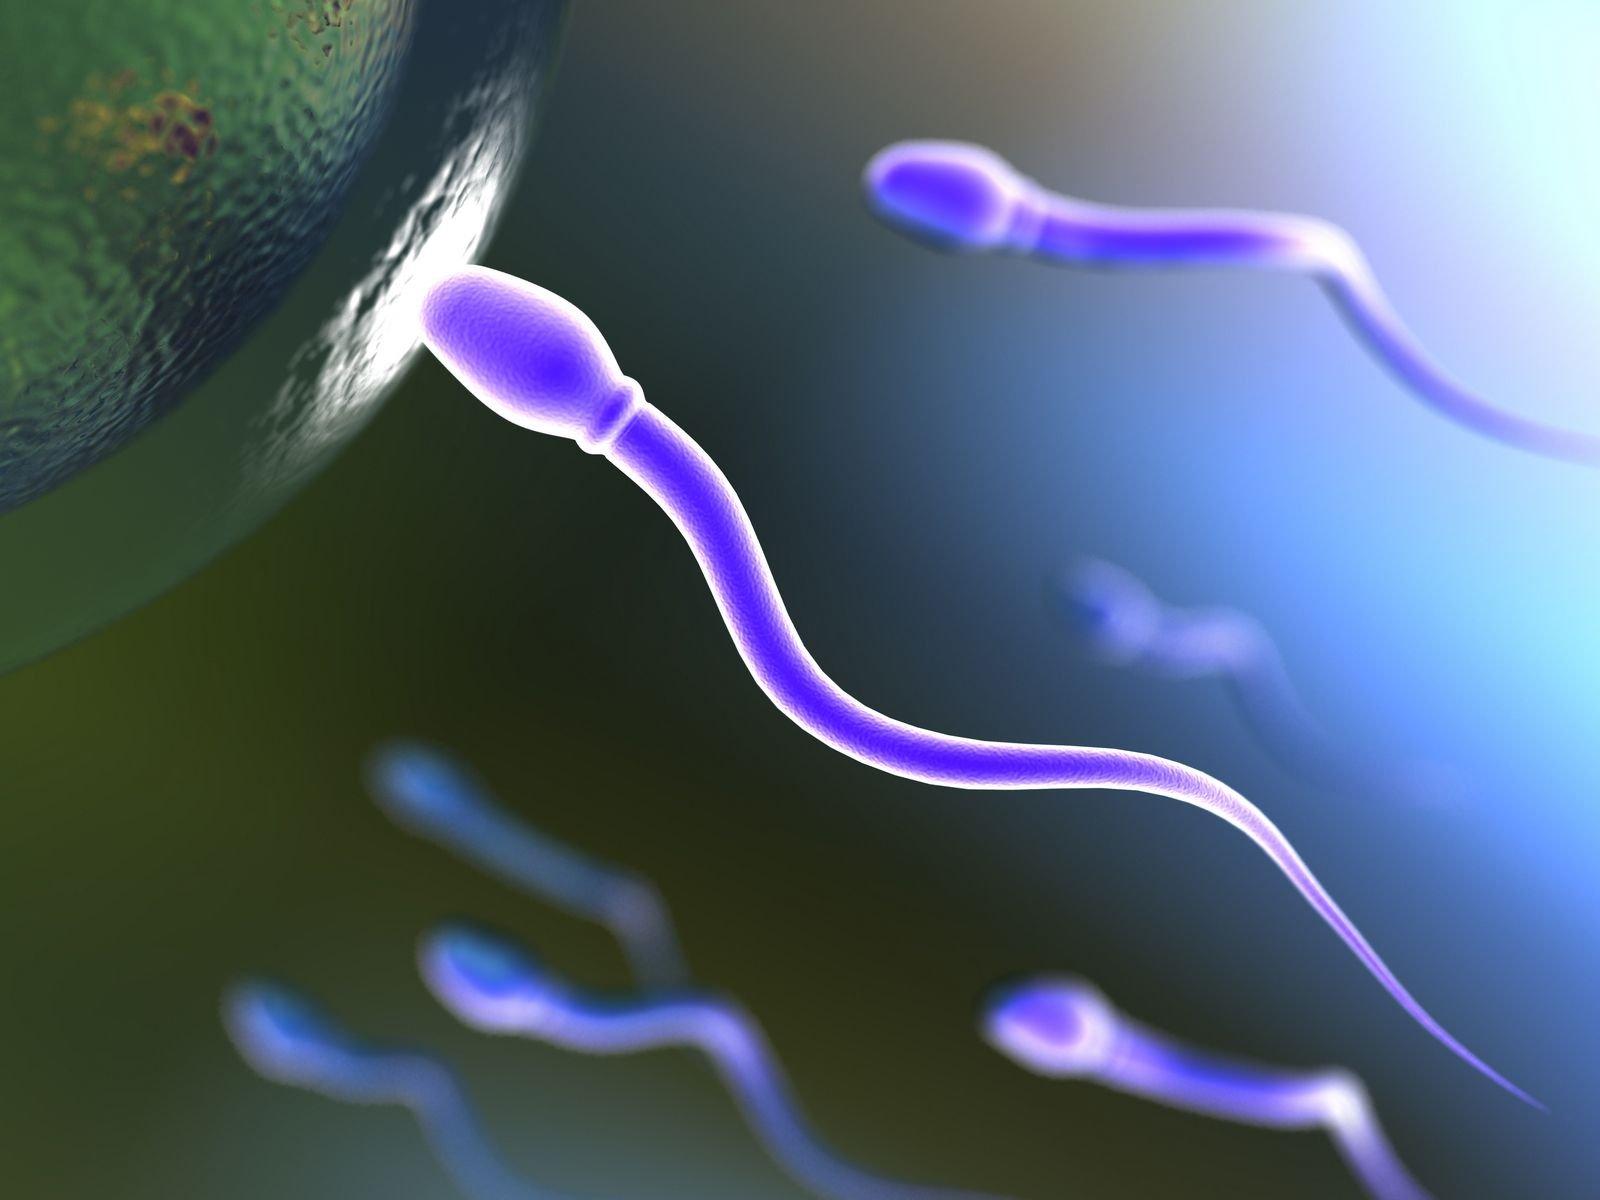 ¡No como se pensaba! Espermatozoides de personas se mueven con la cola torcida